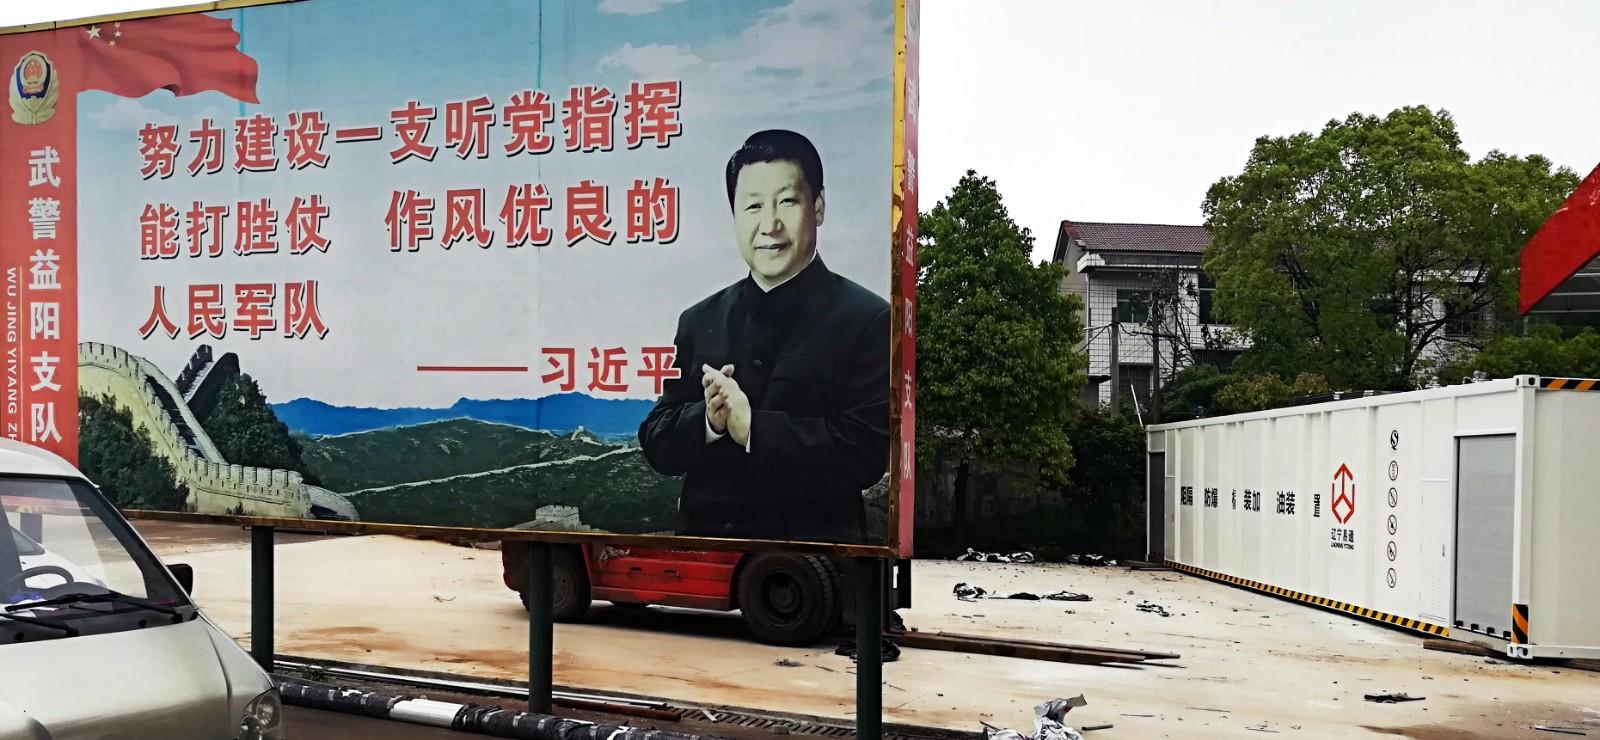 中国人民武装警察部队湖南益阳支队